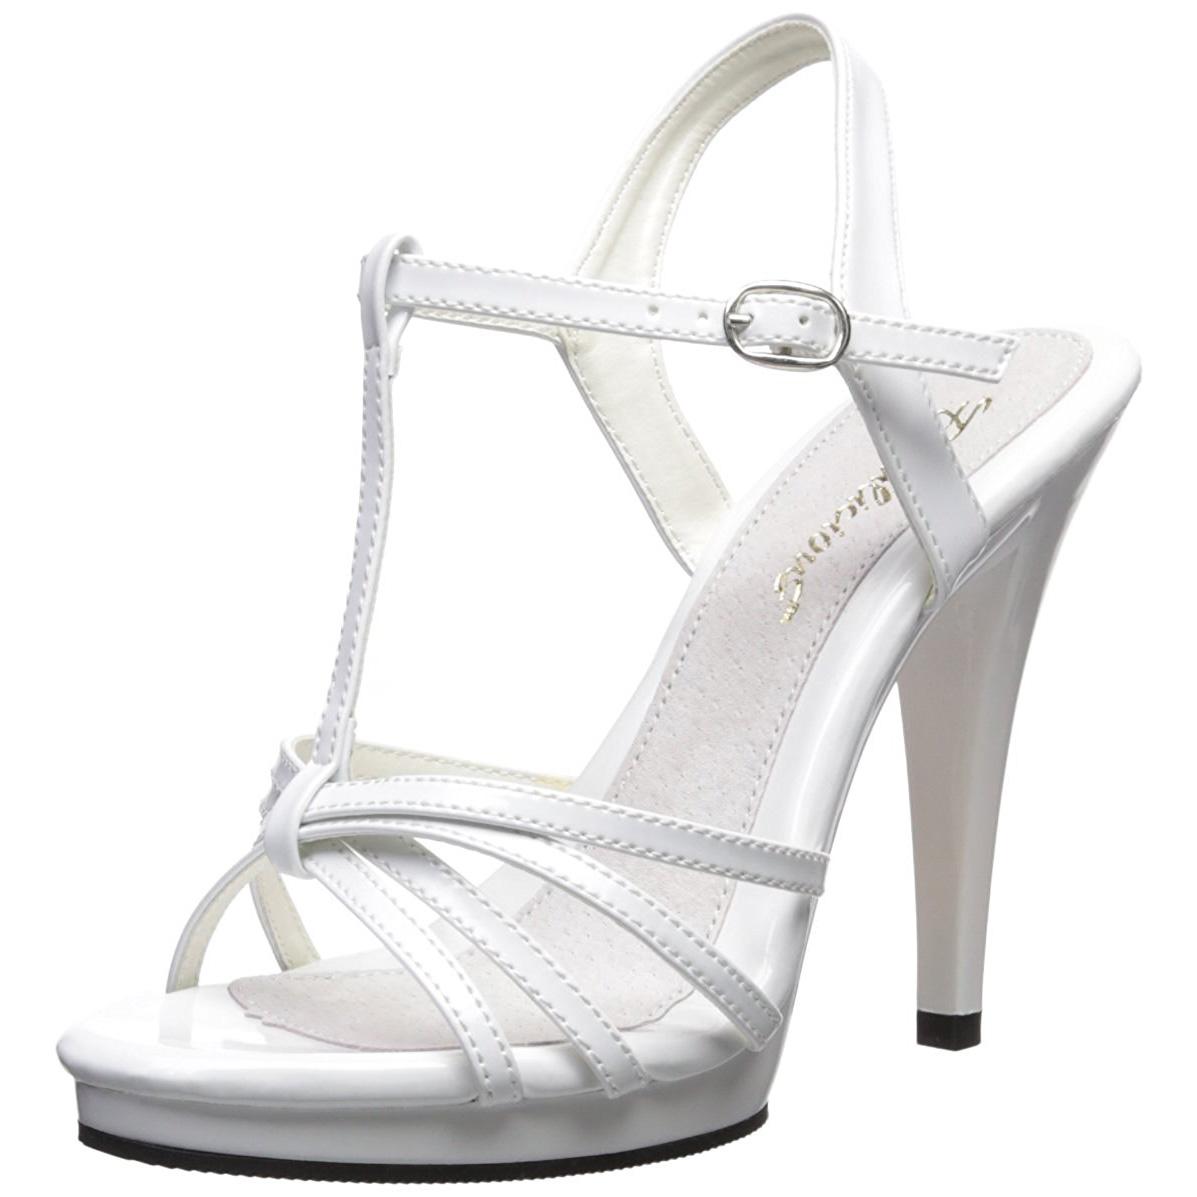 Cm Femme Talon 420 Flair Sandales À Blanc Verni 12 W29IDHE